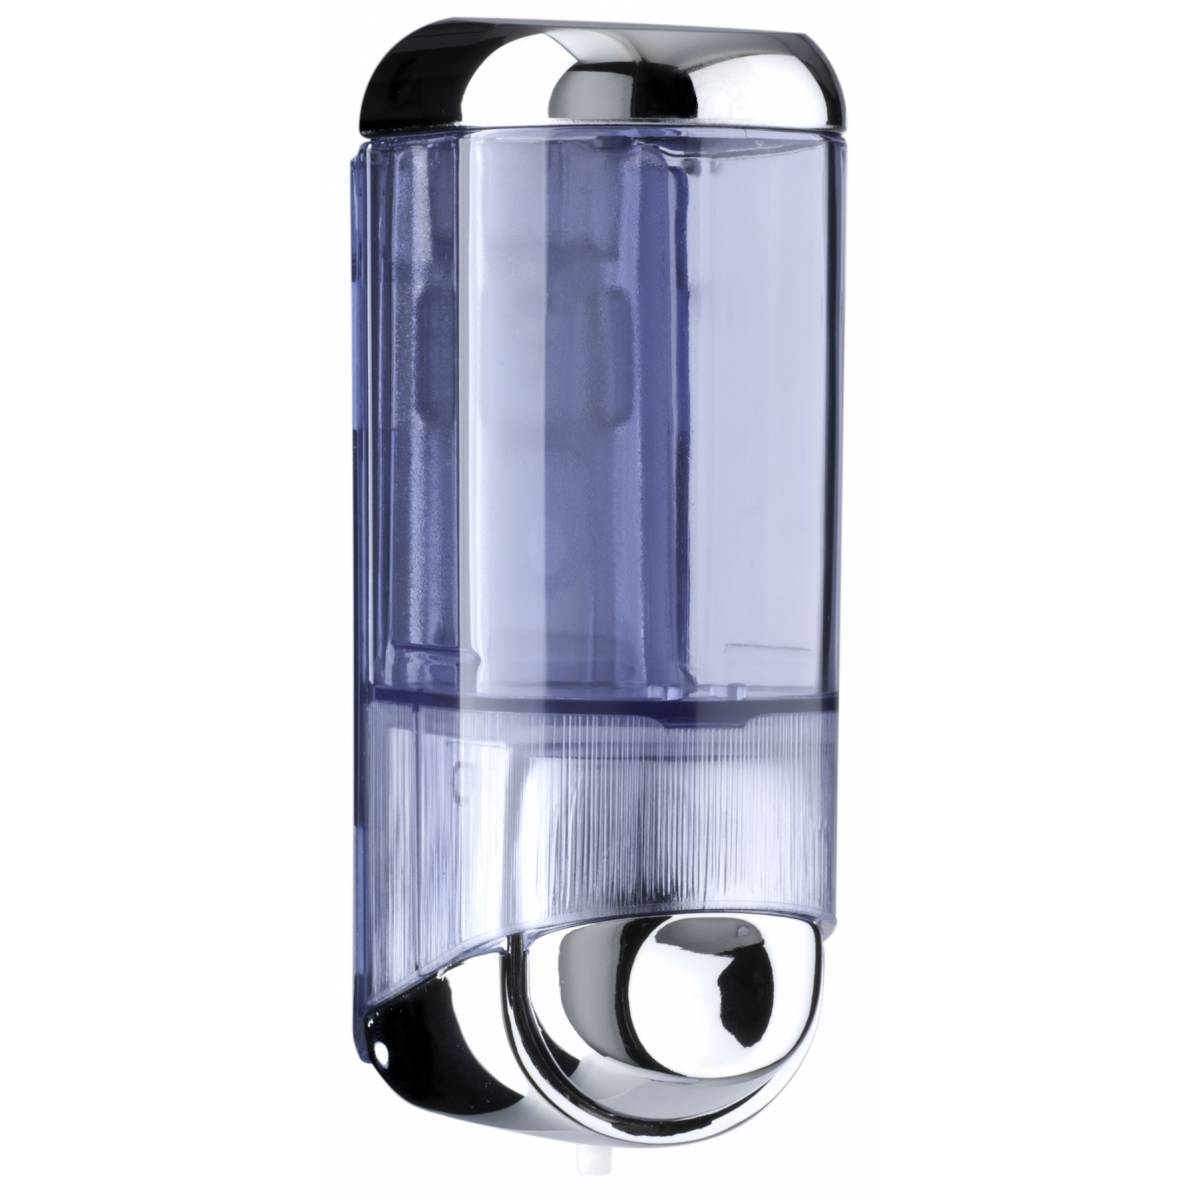 Дозатор жидкого мыла Mar Plast 0,17 л ACQUALBA (583C) A58300 Mar Plast